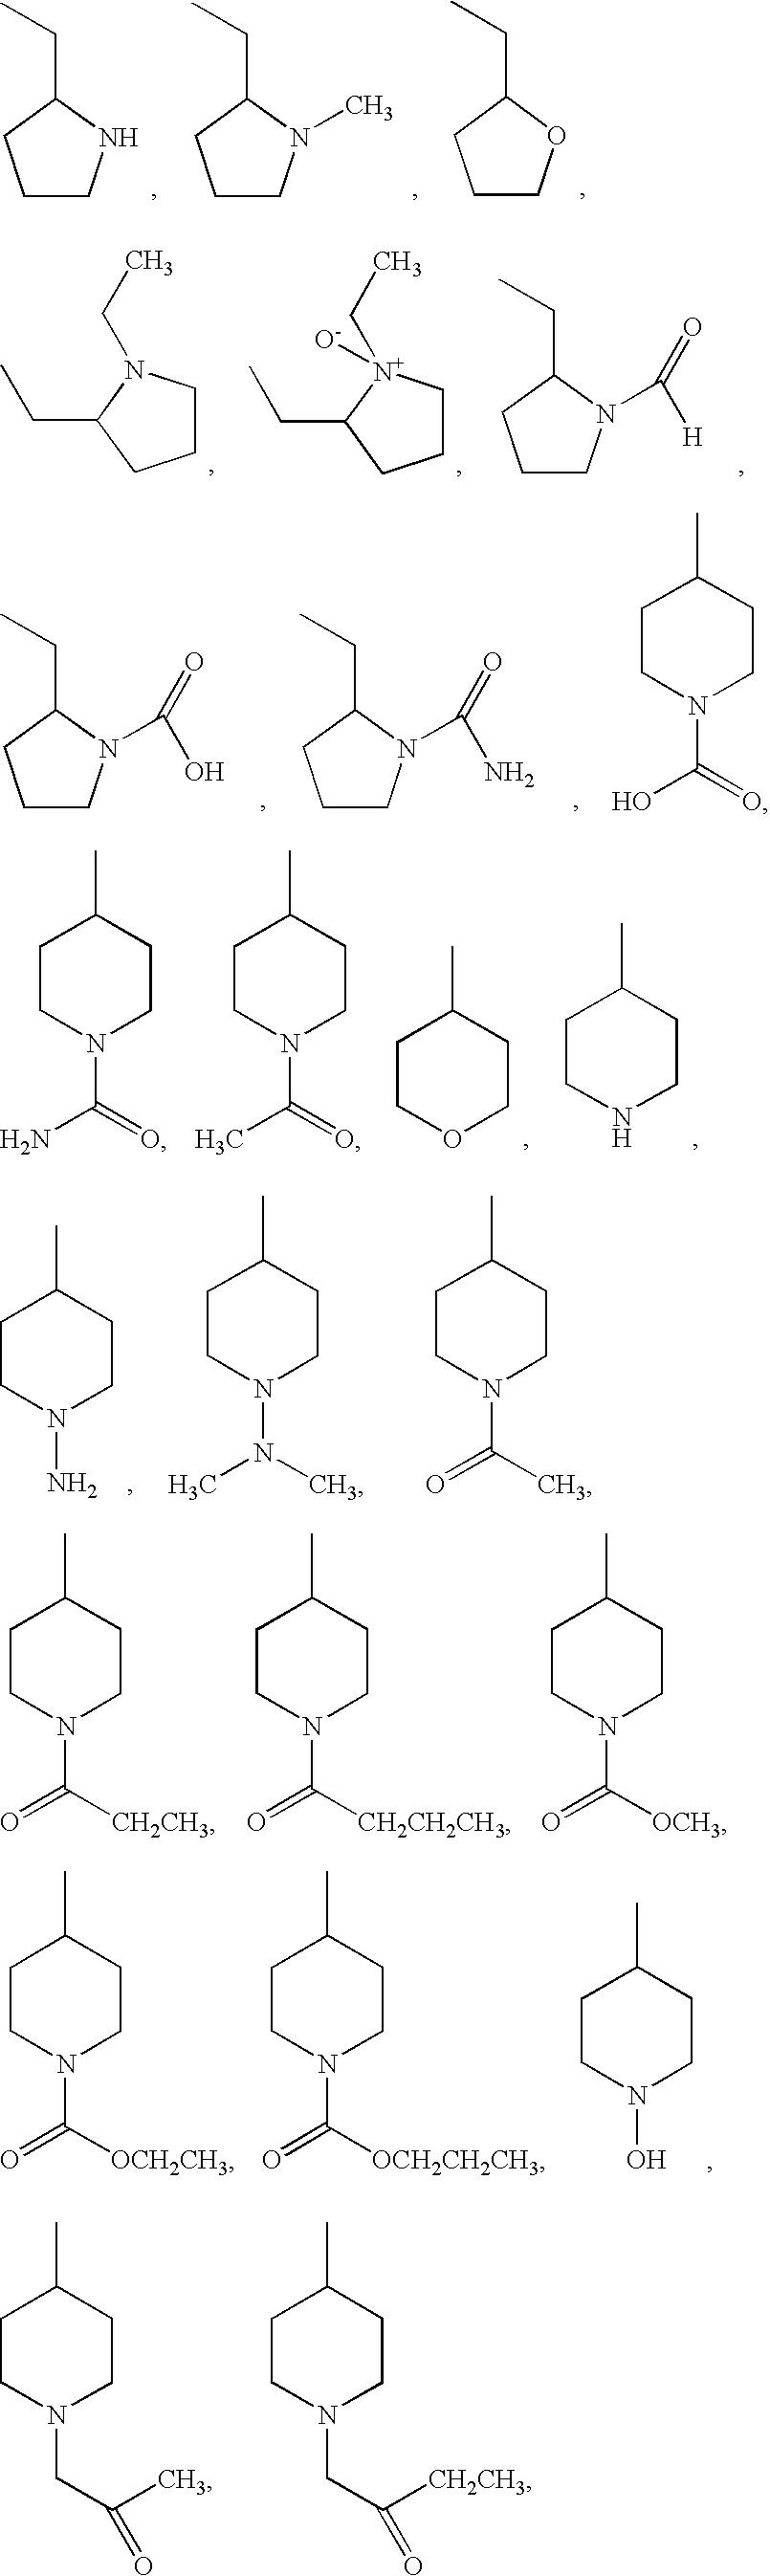 Figure US20050113341A1-20050526-C00104